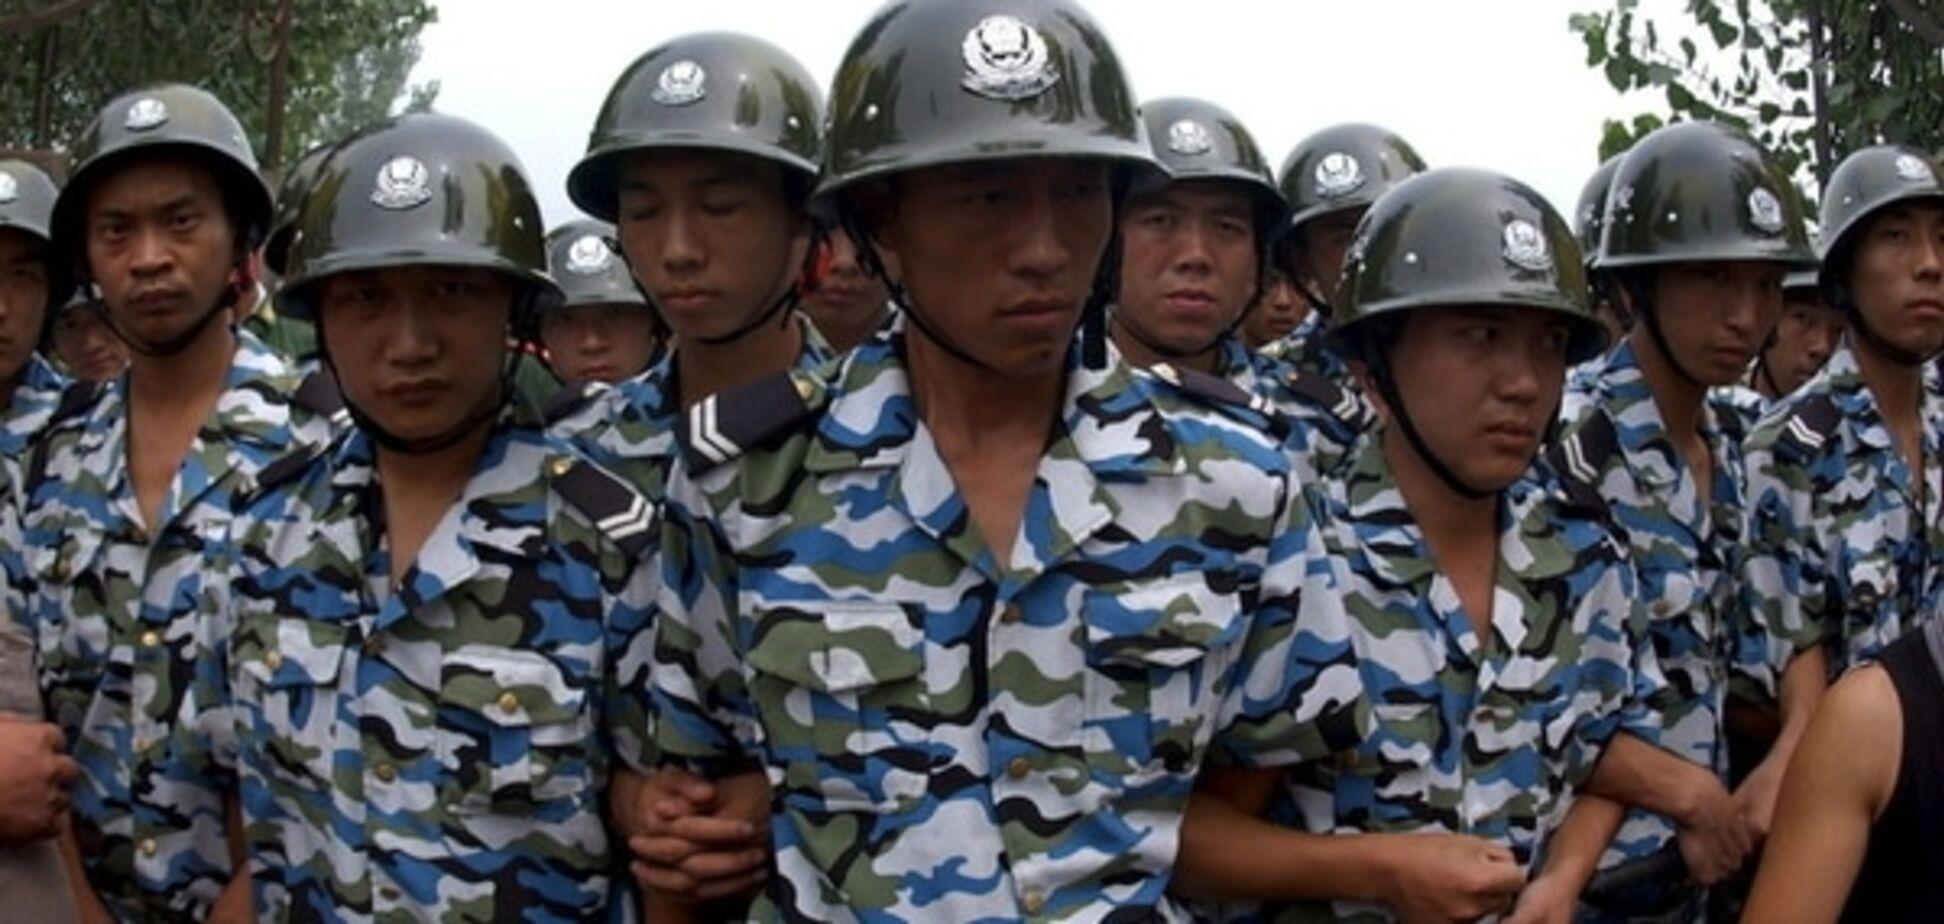 Китай намерен начать клонировать людей: технология уже создана